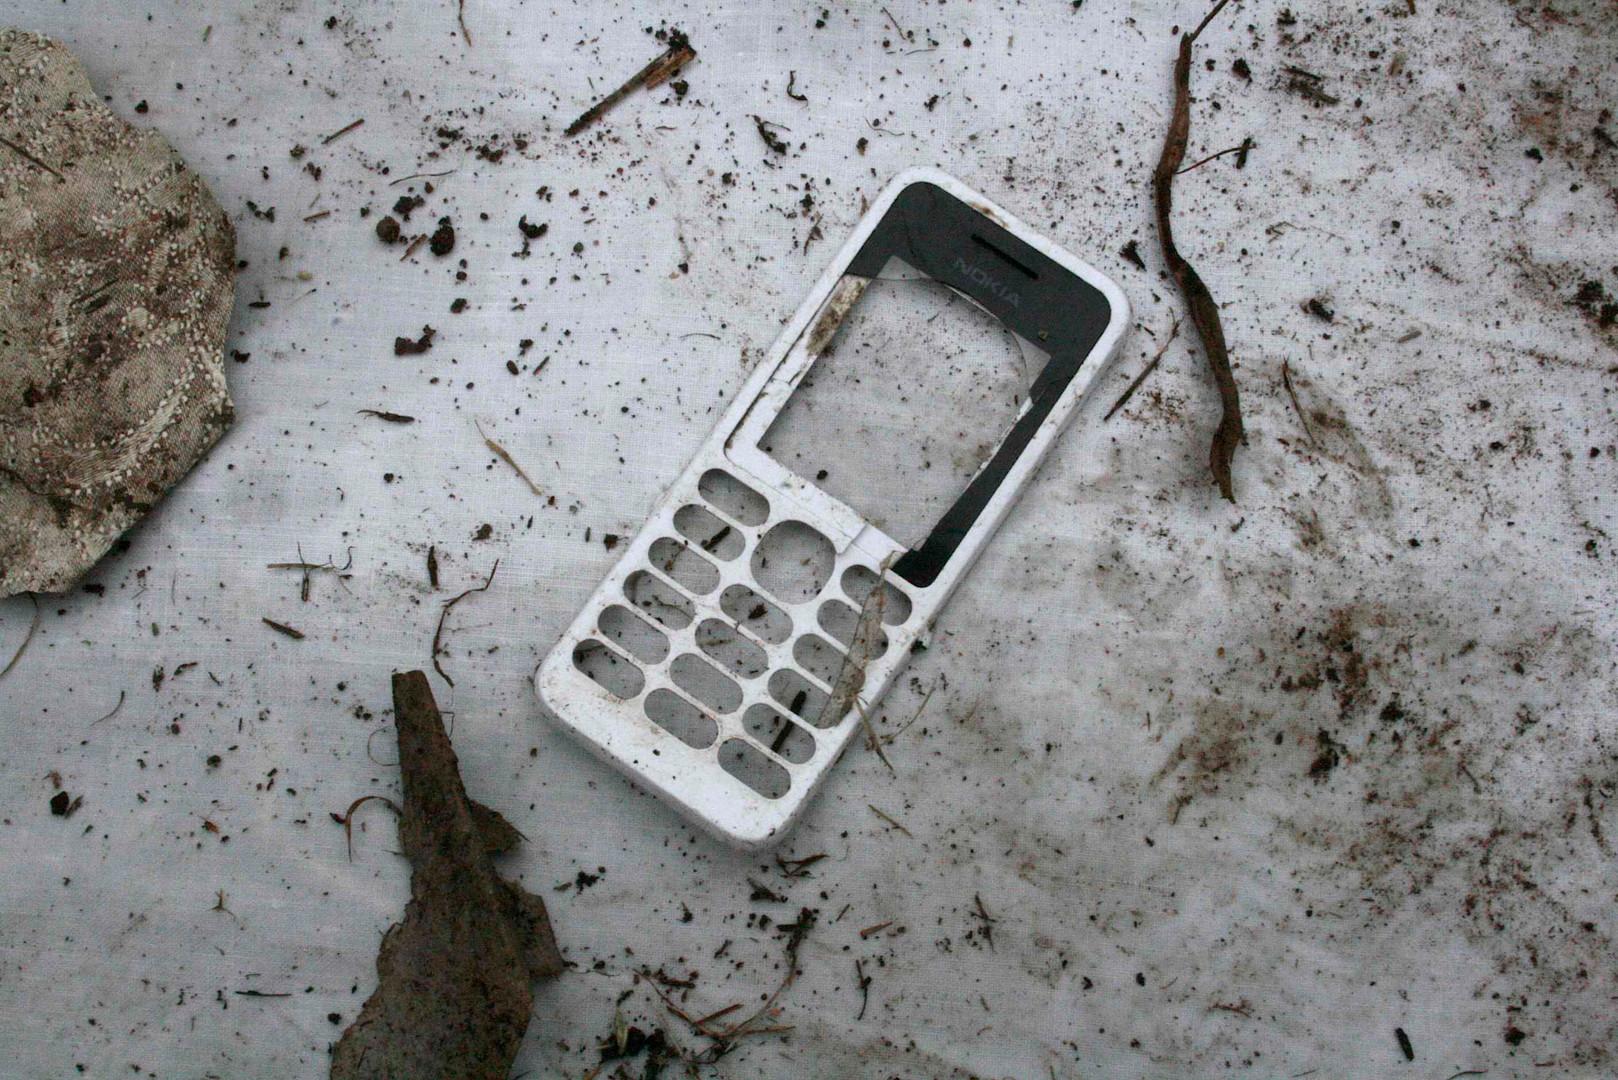 phone rubbish.jpg